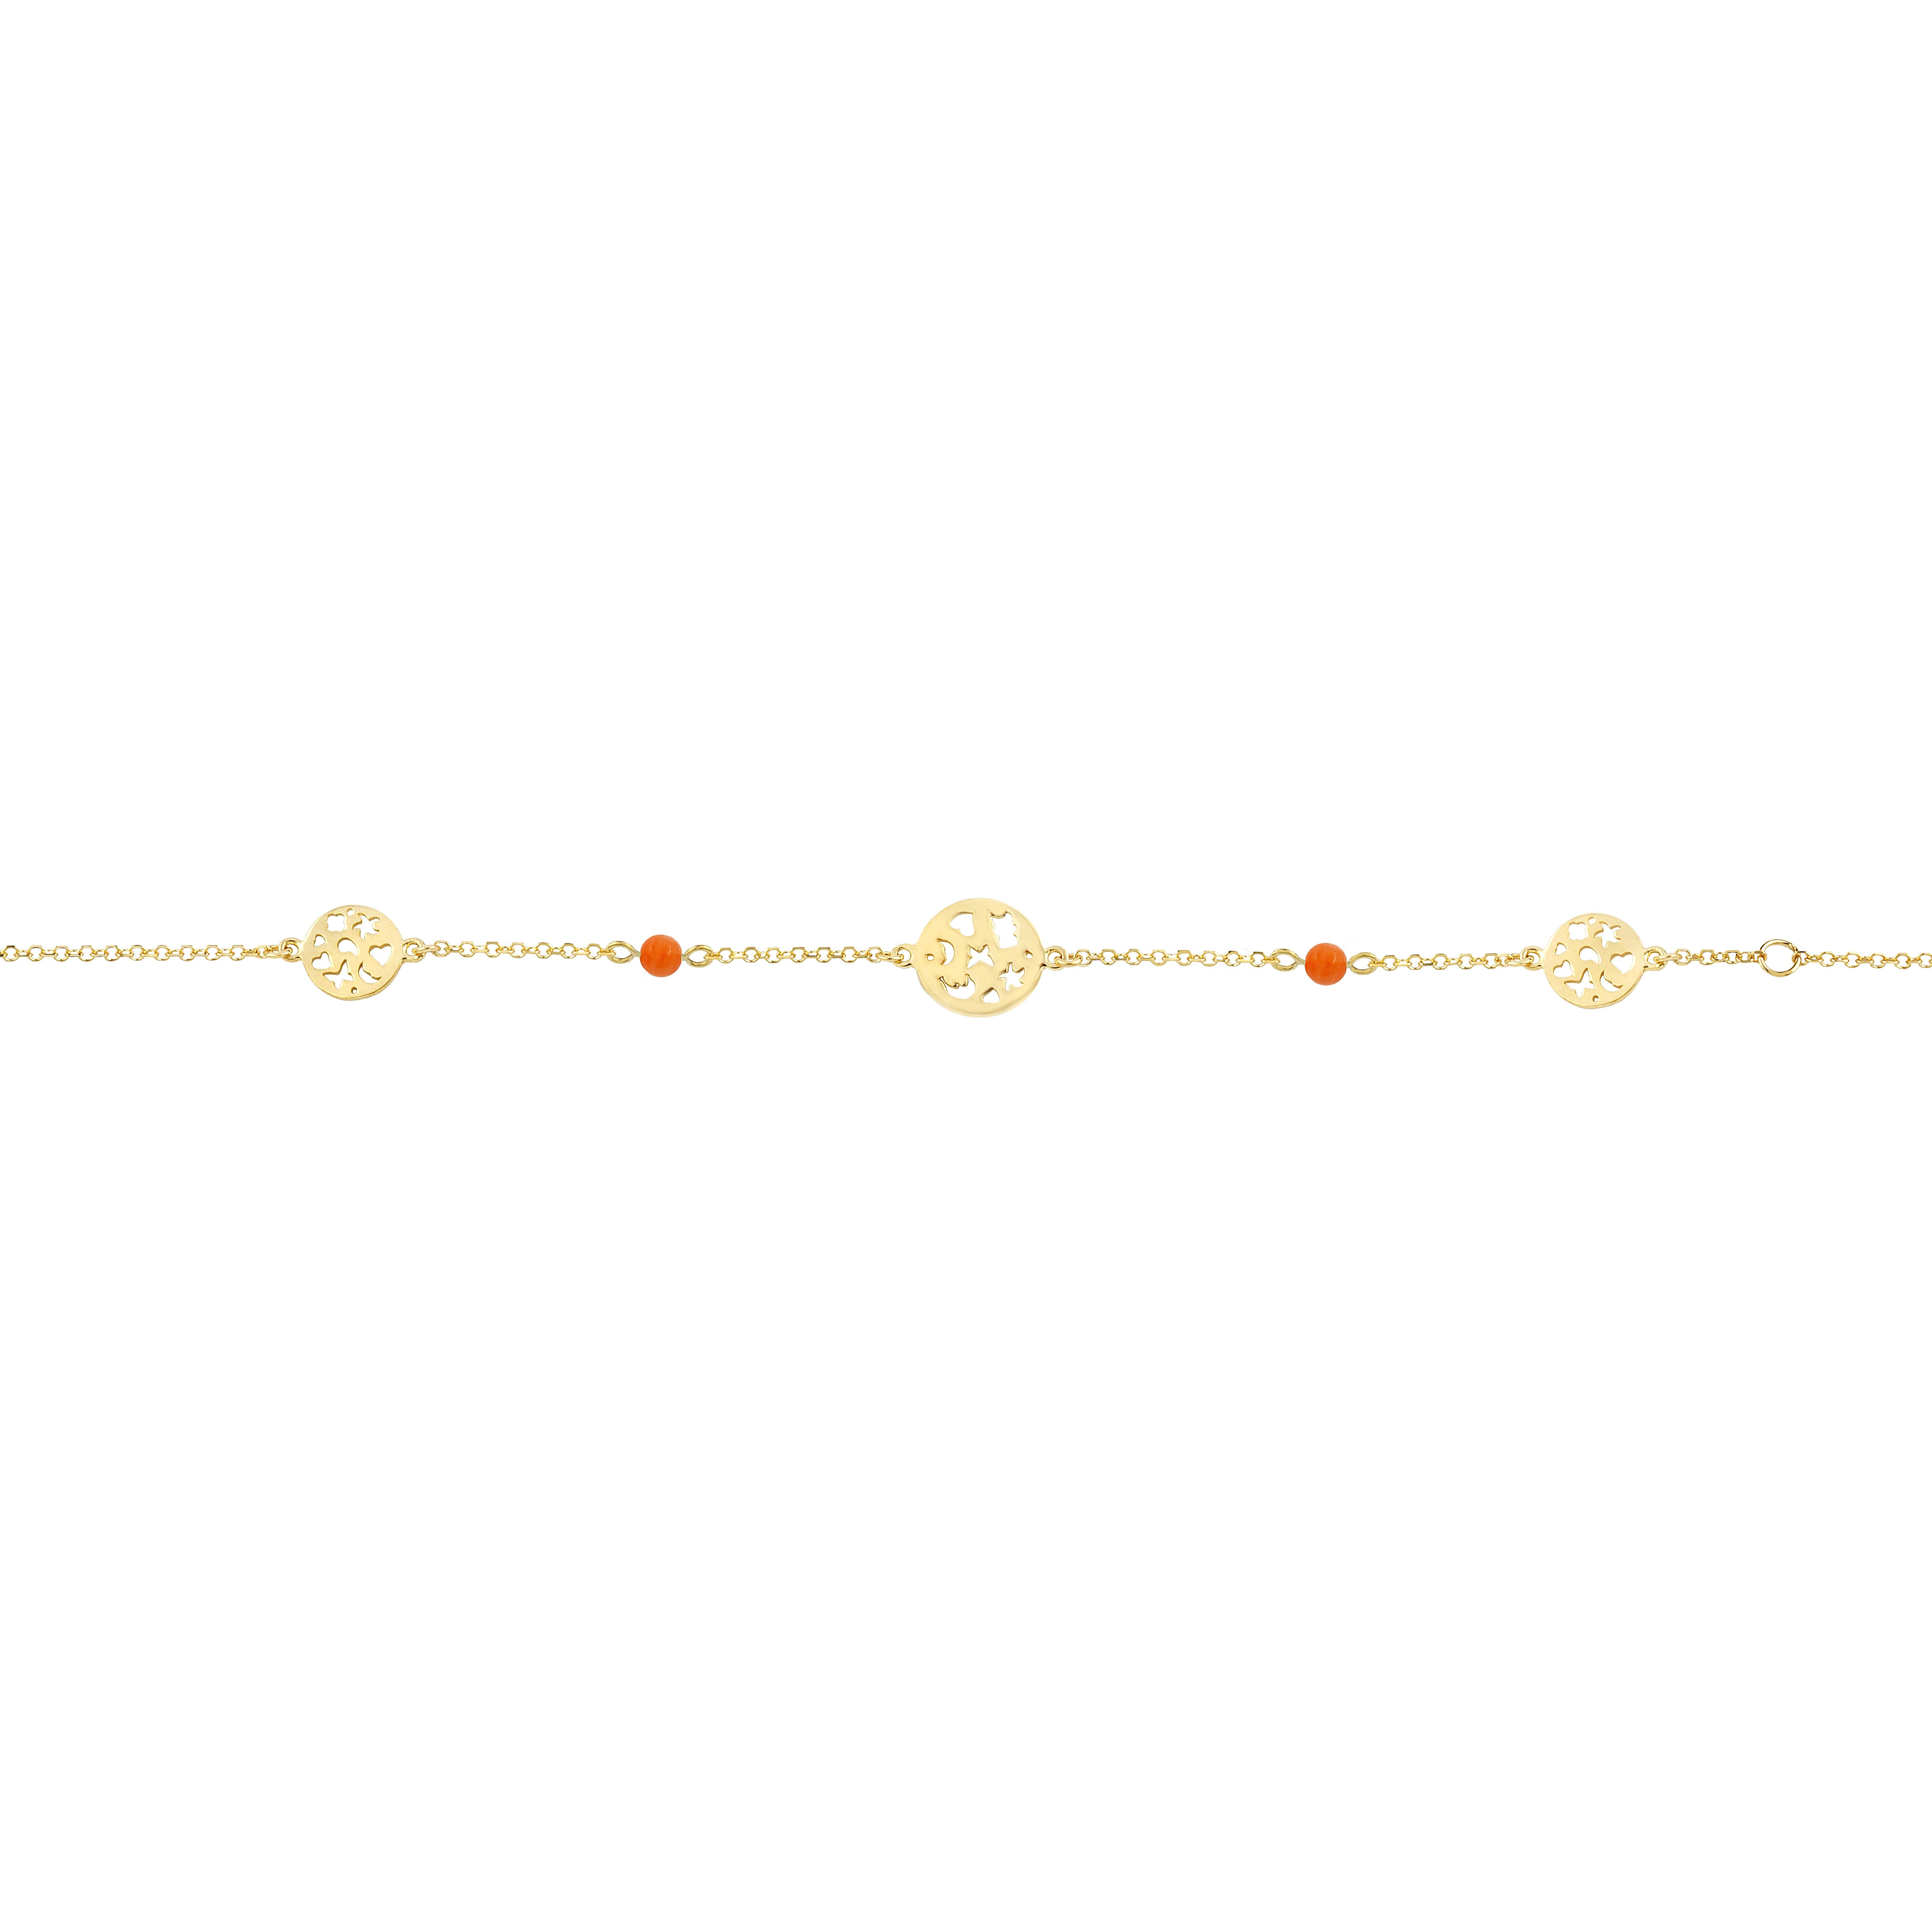 Παιδικό Βραχιόλι με Μοτίφ Χρυσός Κ9 - 10156